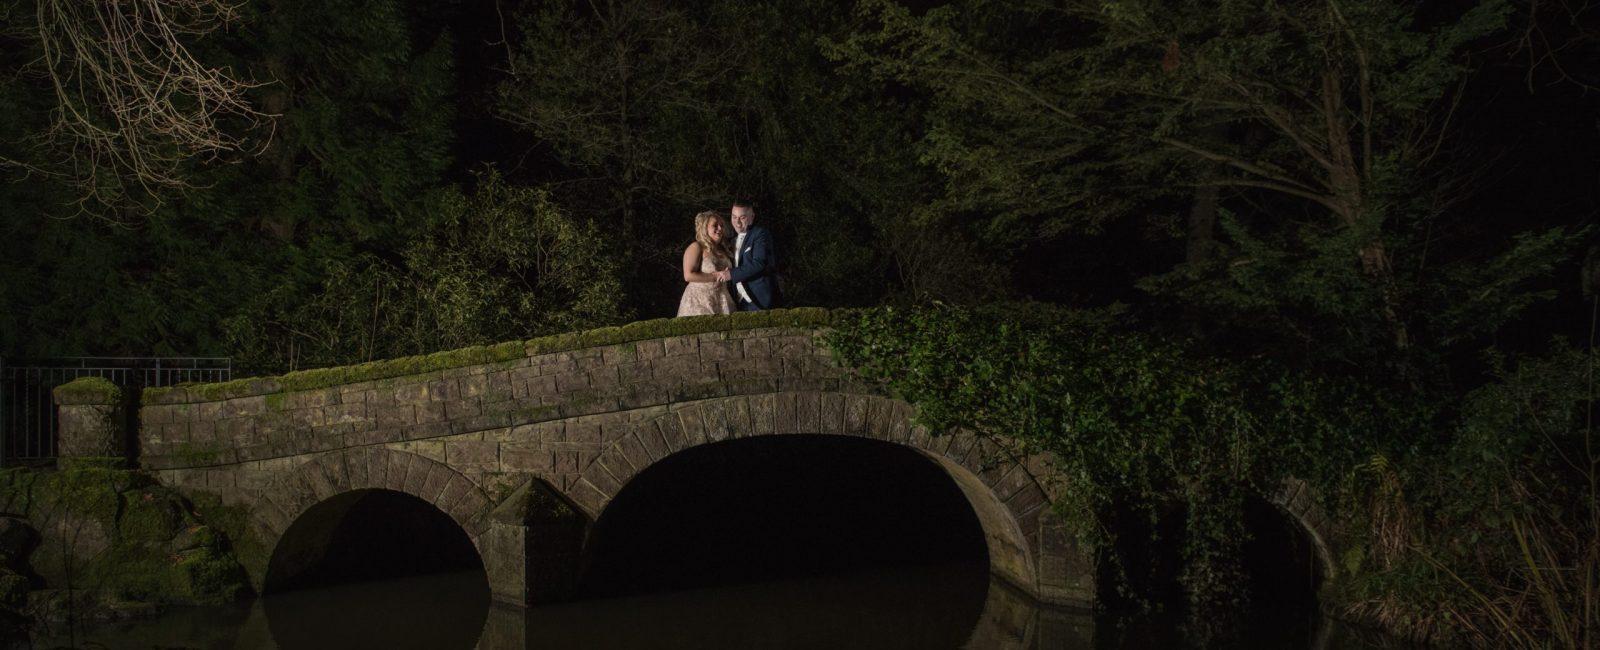 Marek Kuzlik Wedding Photography